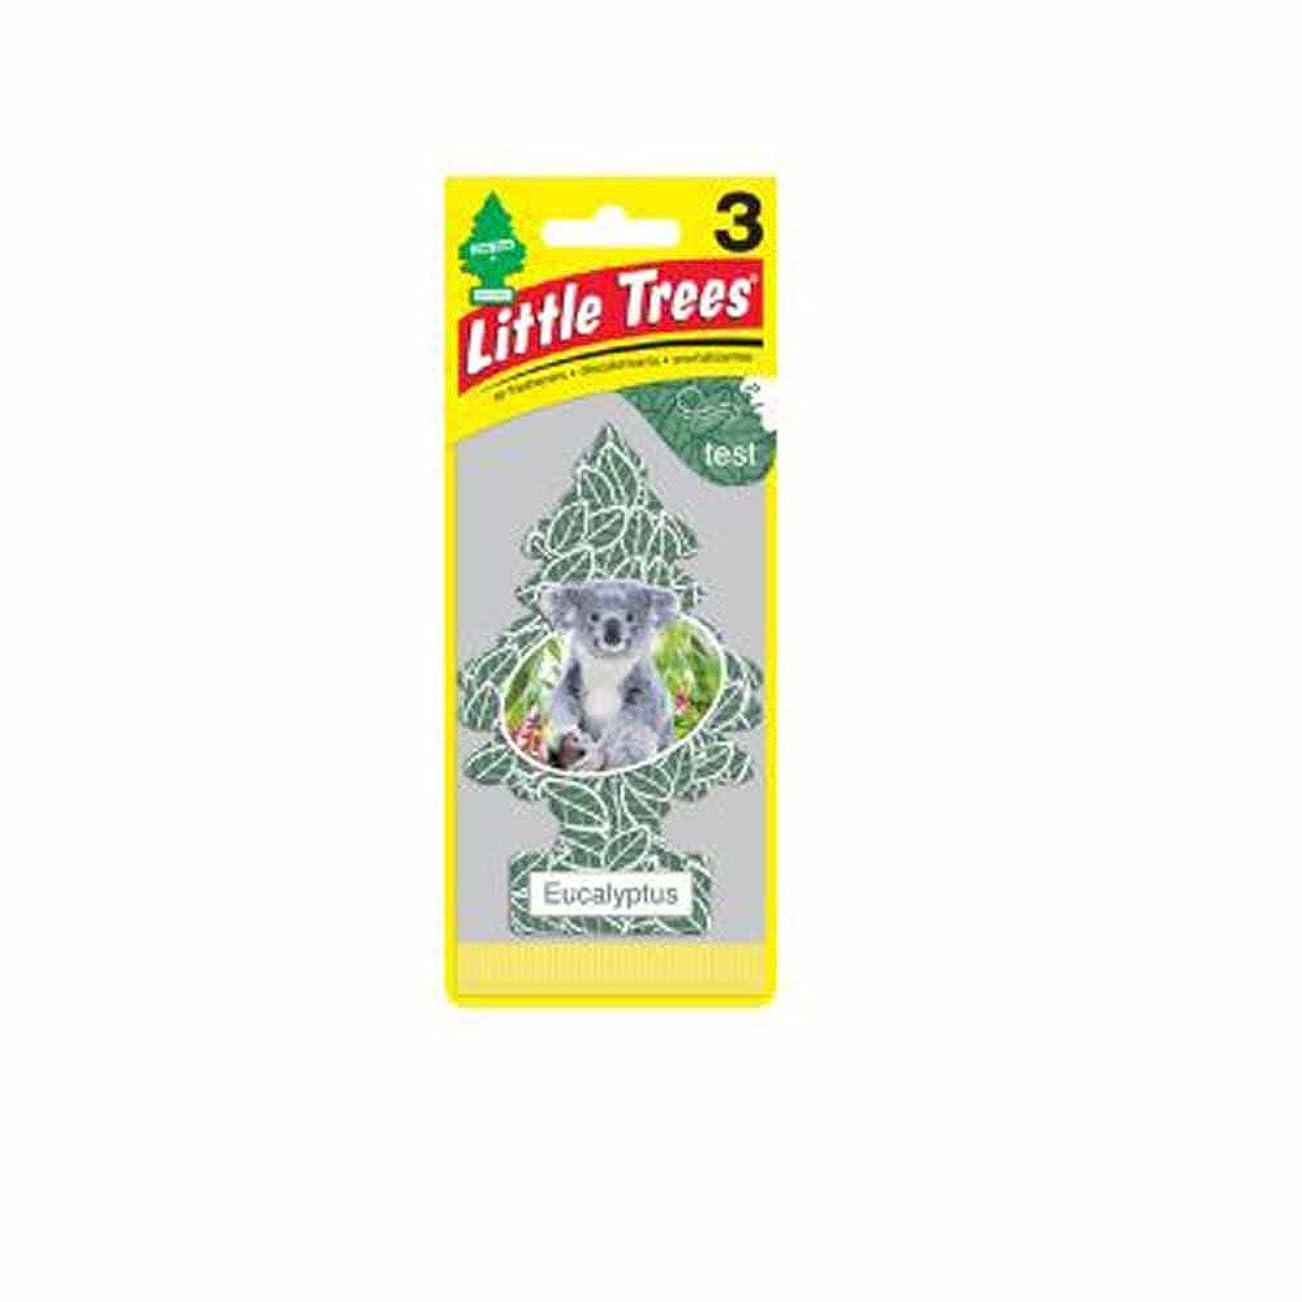 アイドル死んでいるラブLittle Trees 吊下げタイプ エアーフレッシュナー eucalyptus(ユーカリ) 3枚セット(3P) U3S-37365